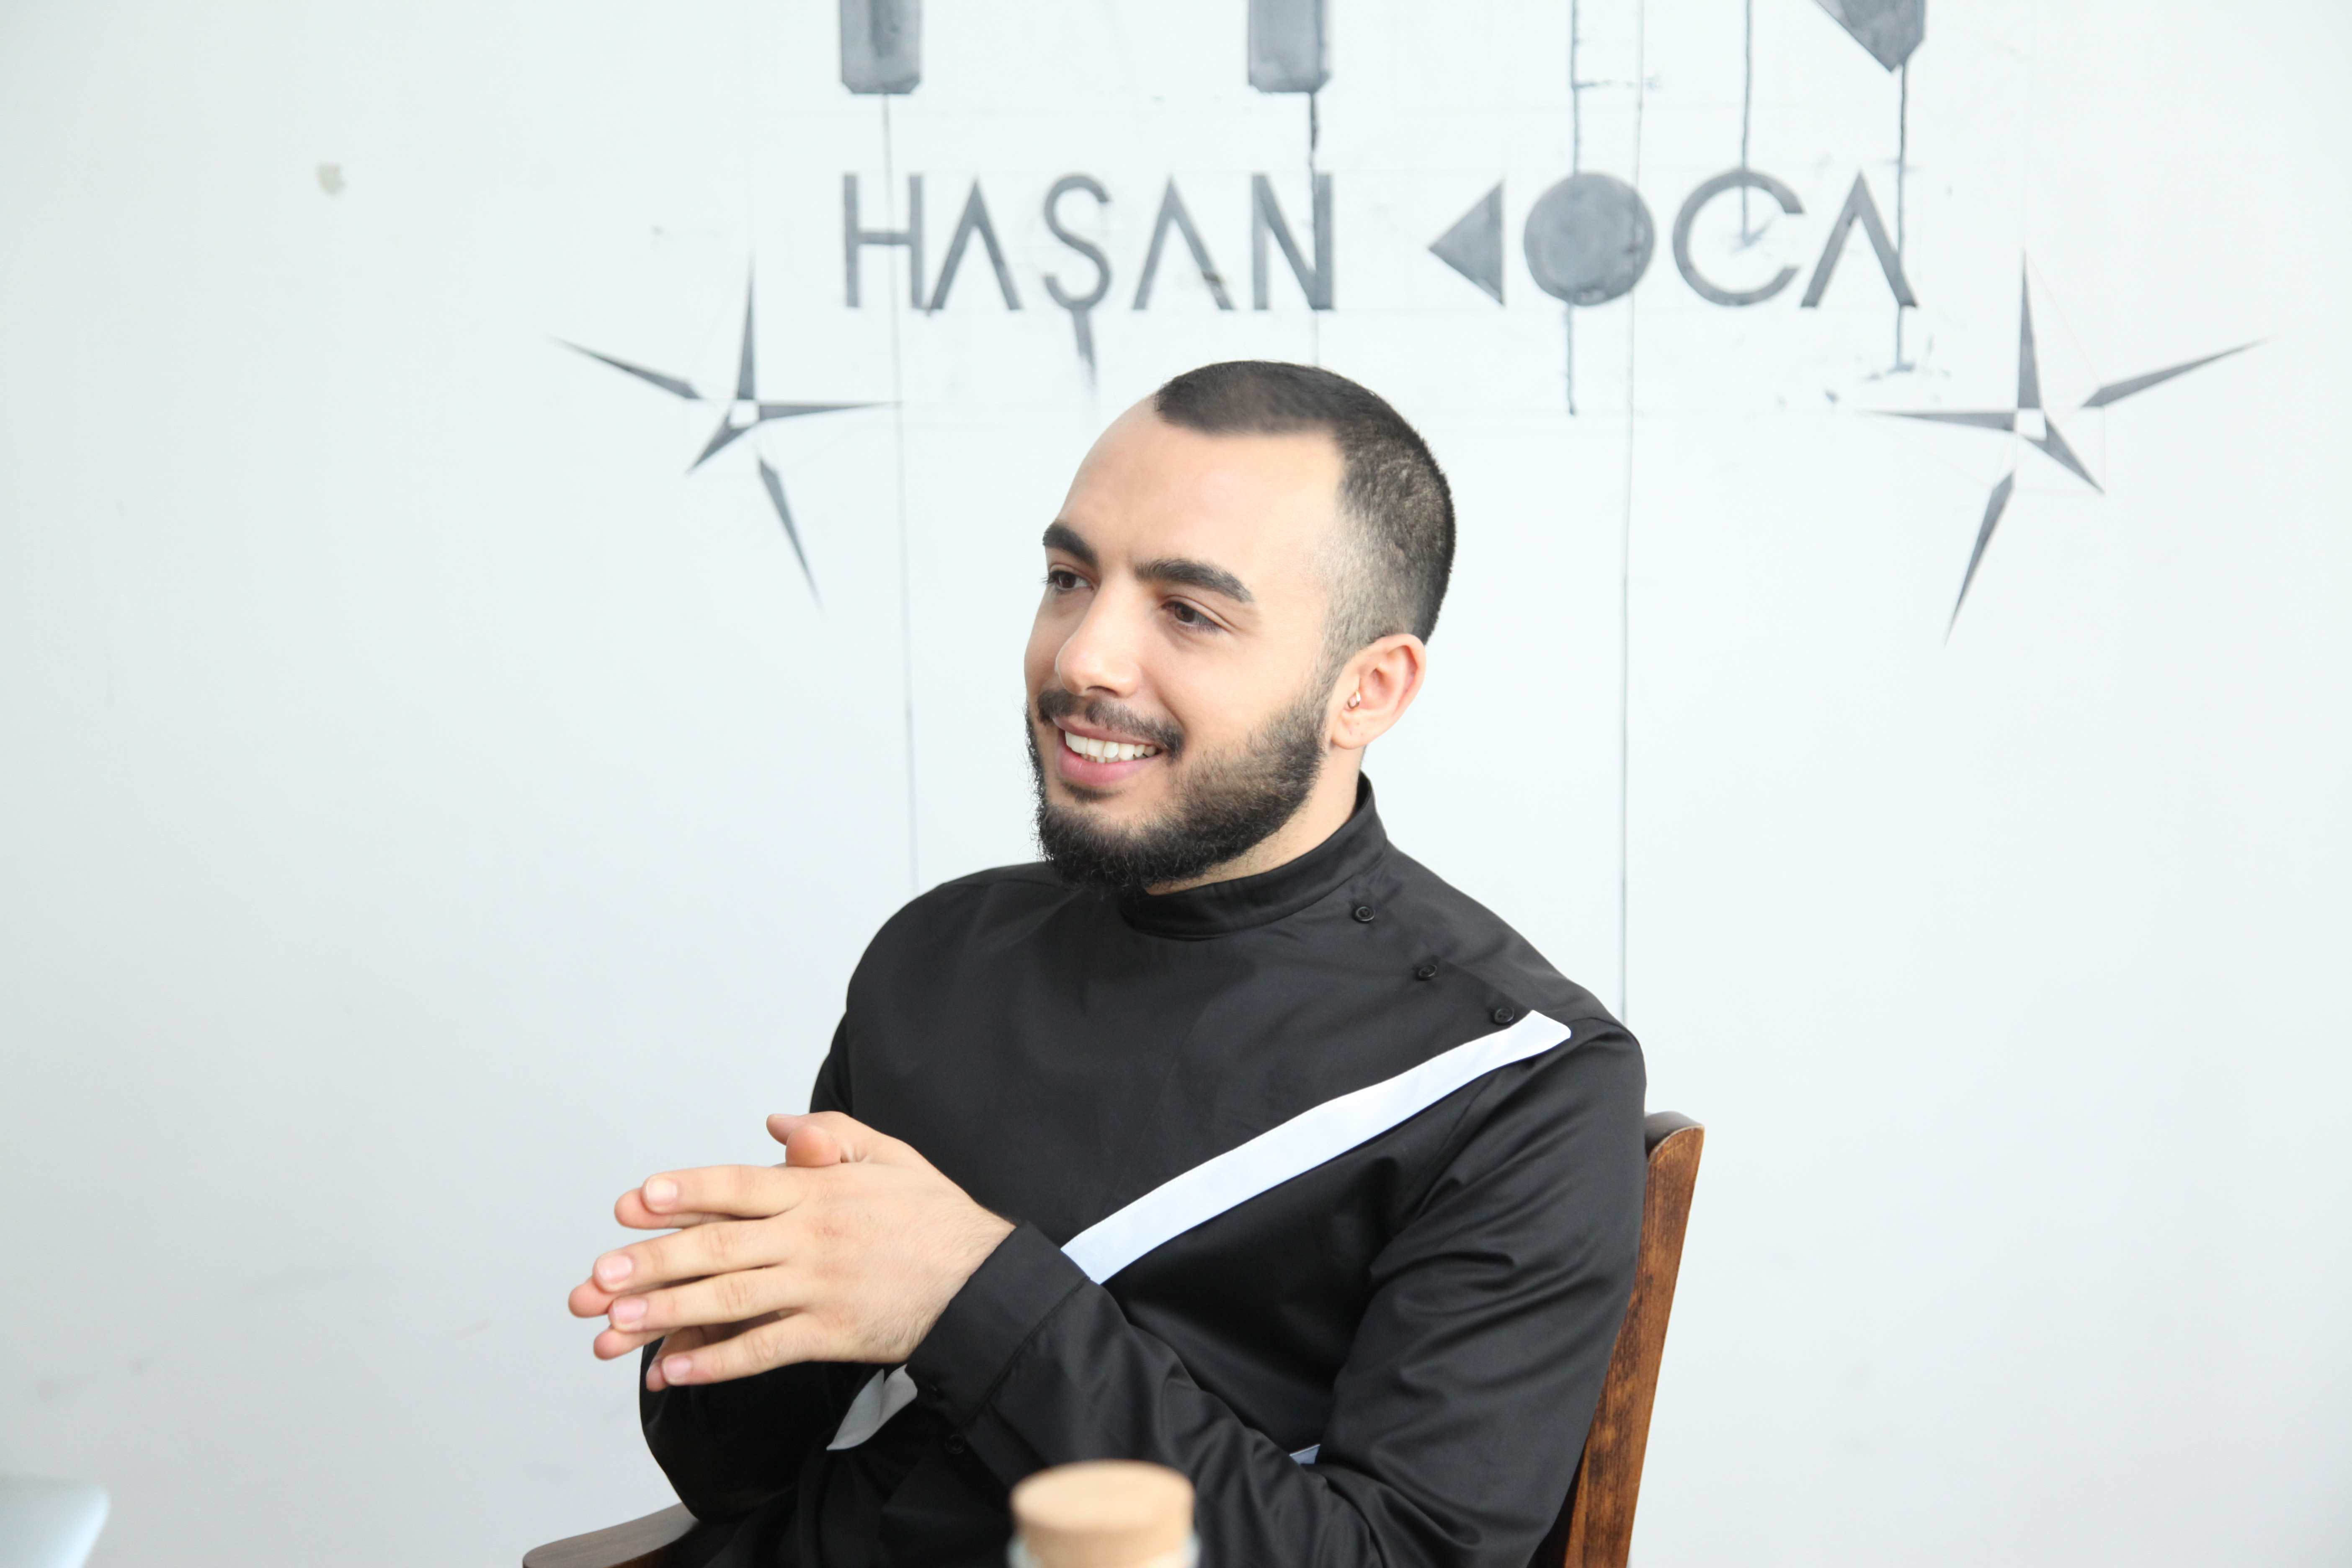 37b51bc2cabb3 Röportaj: Hasan Koca ile Moda Hakkında   Populer Akım